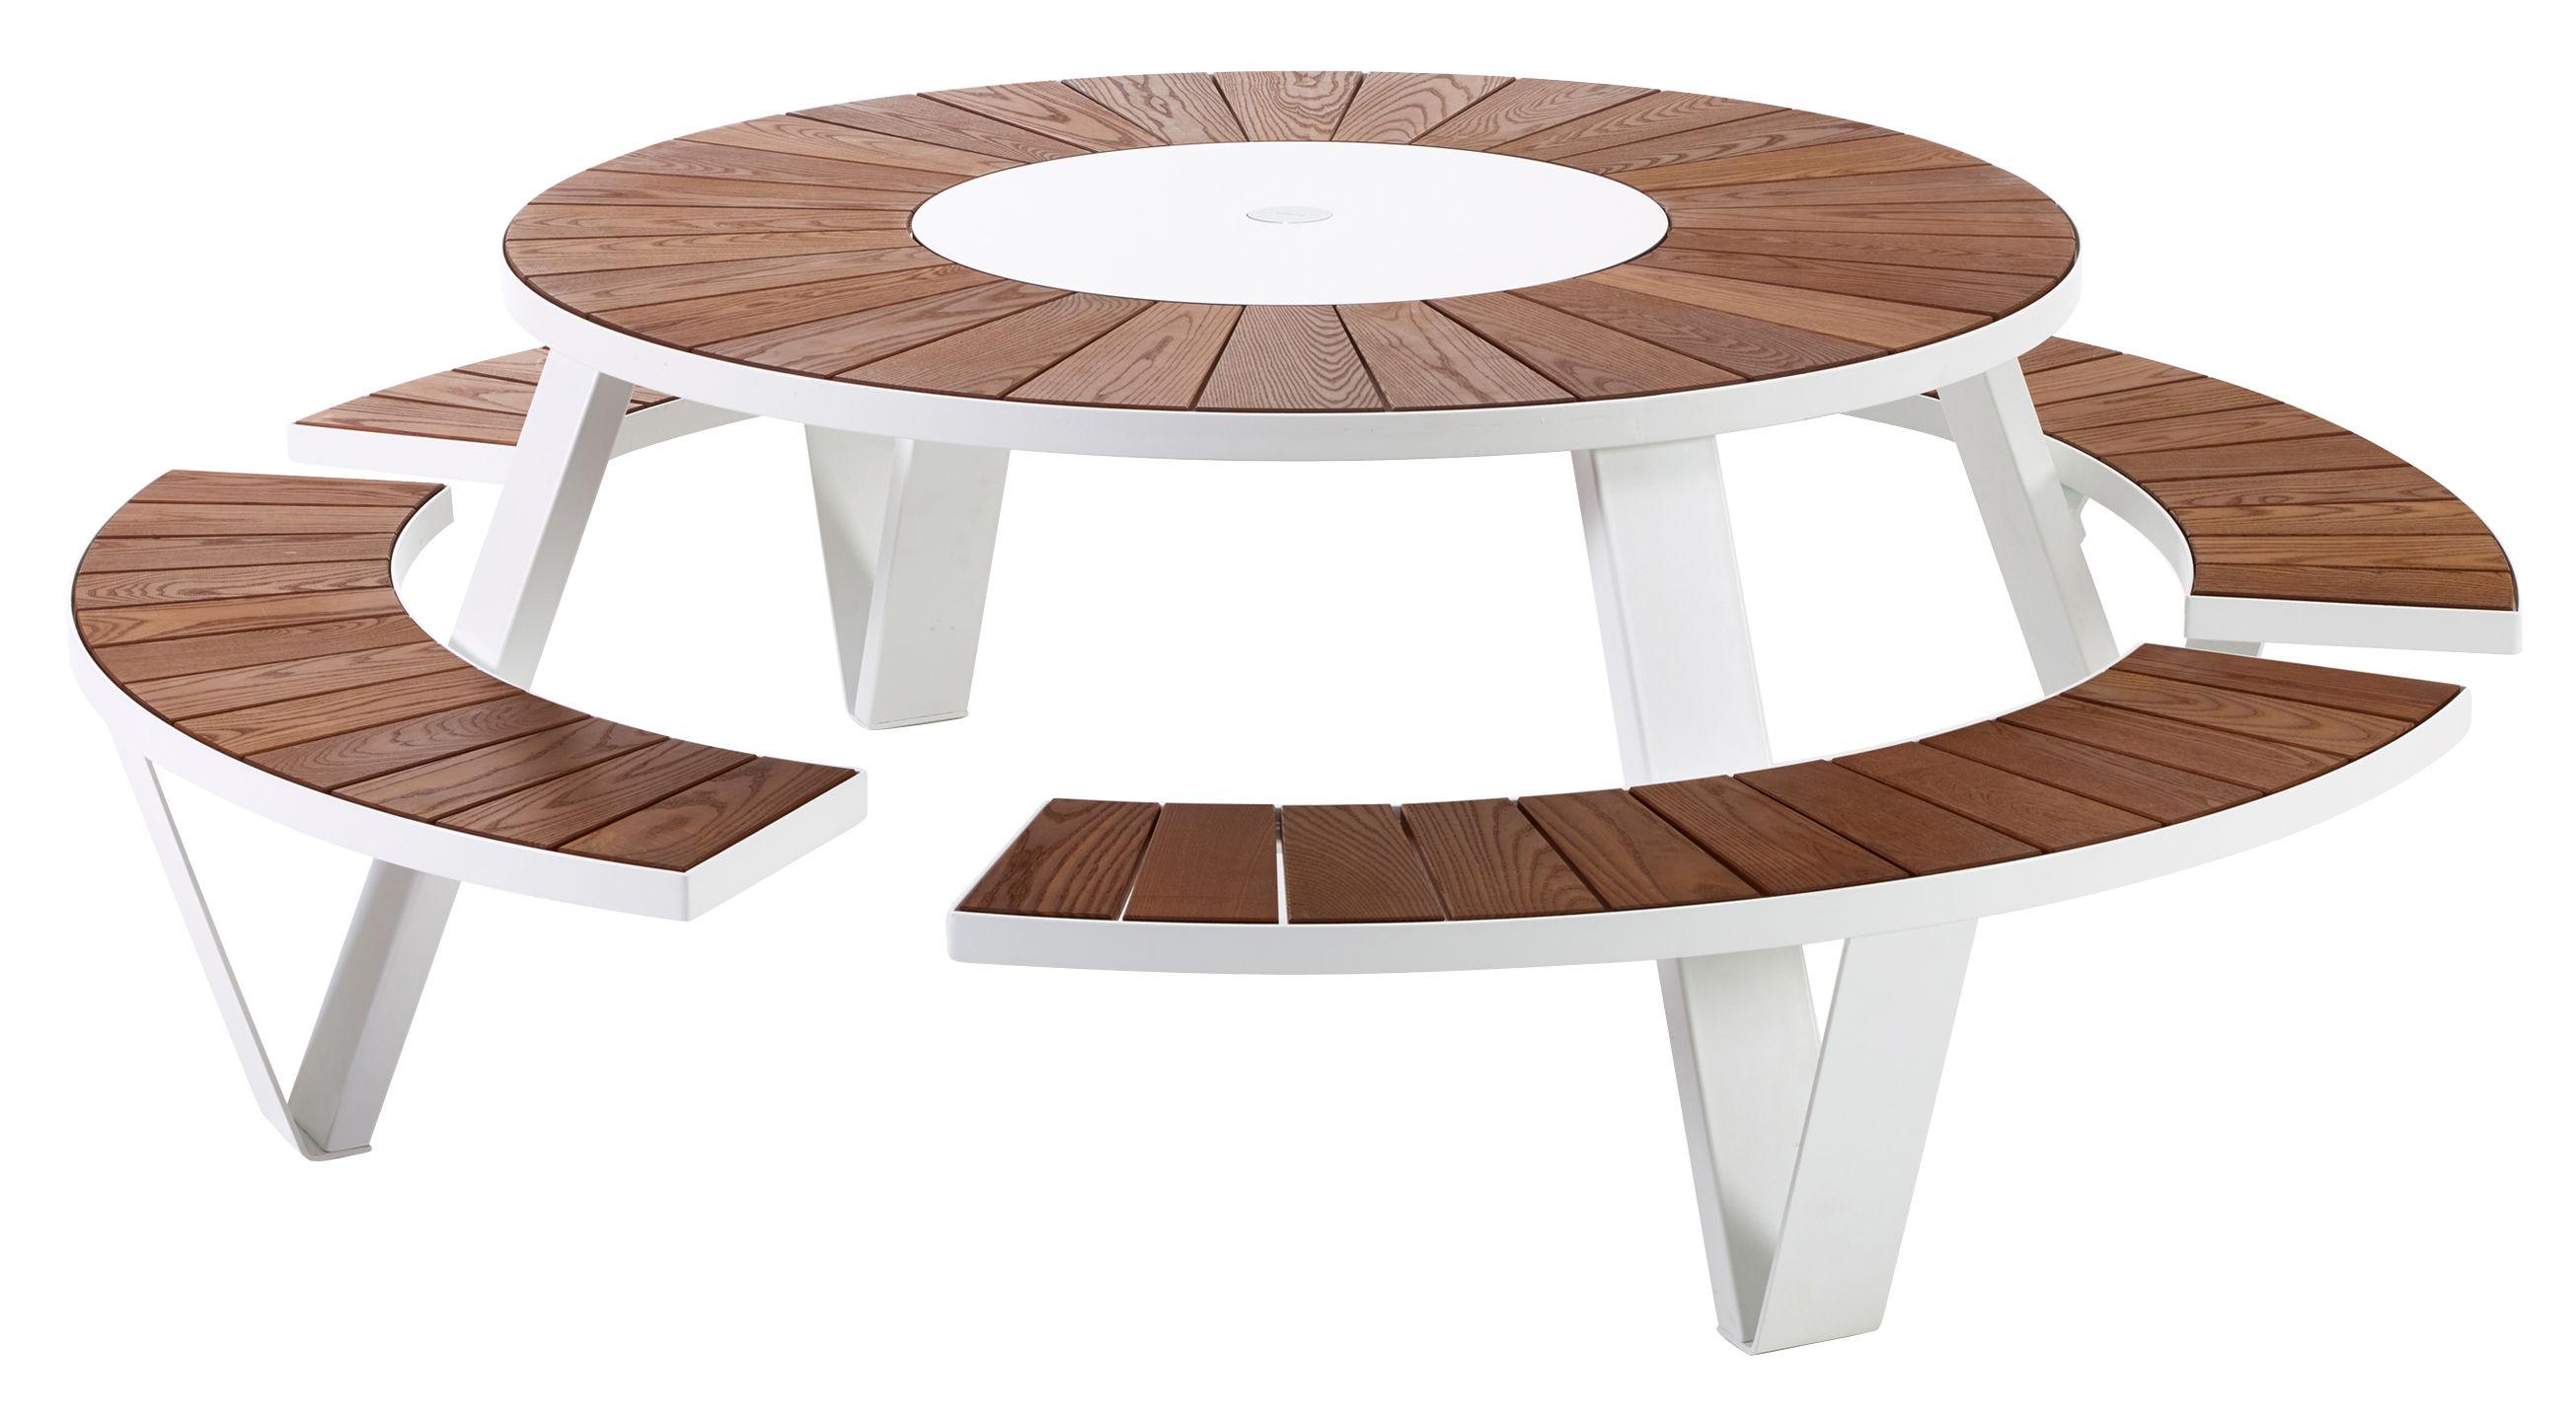 Outdoor - Tables de jardin - Set table & assises Pantagruel / Ø 146 cm - Extremis - Blanc / Bois - Acier galvanisé laqué, Frêne traité, HPL